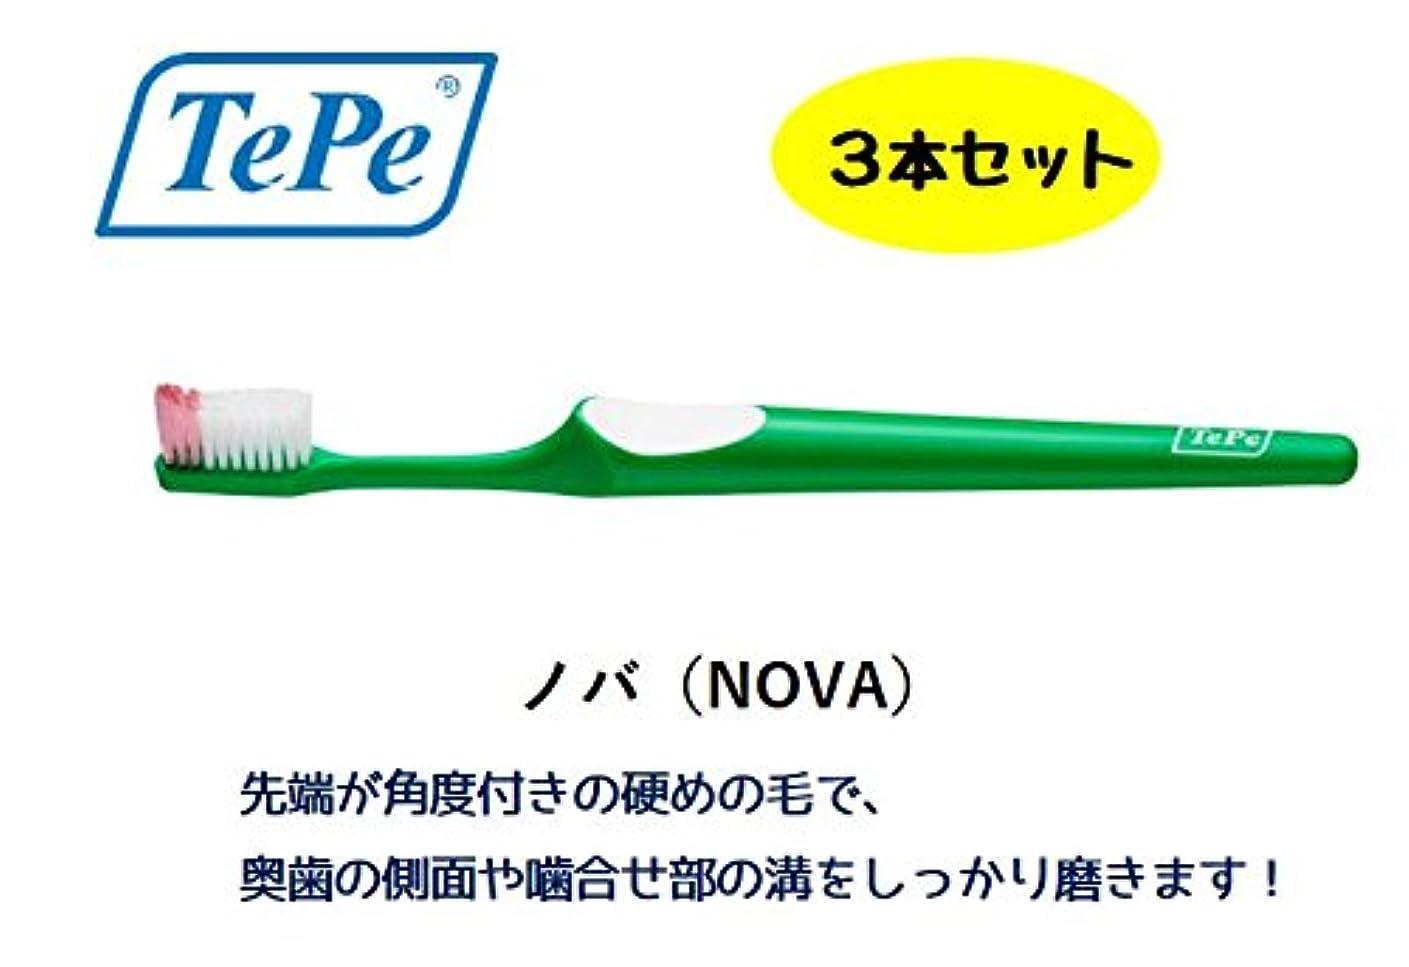 製品大陸サークルテペ ノバ ブリスター 3本 TePe NOVA (極やわらかめ)